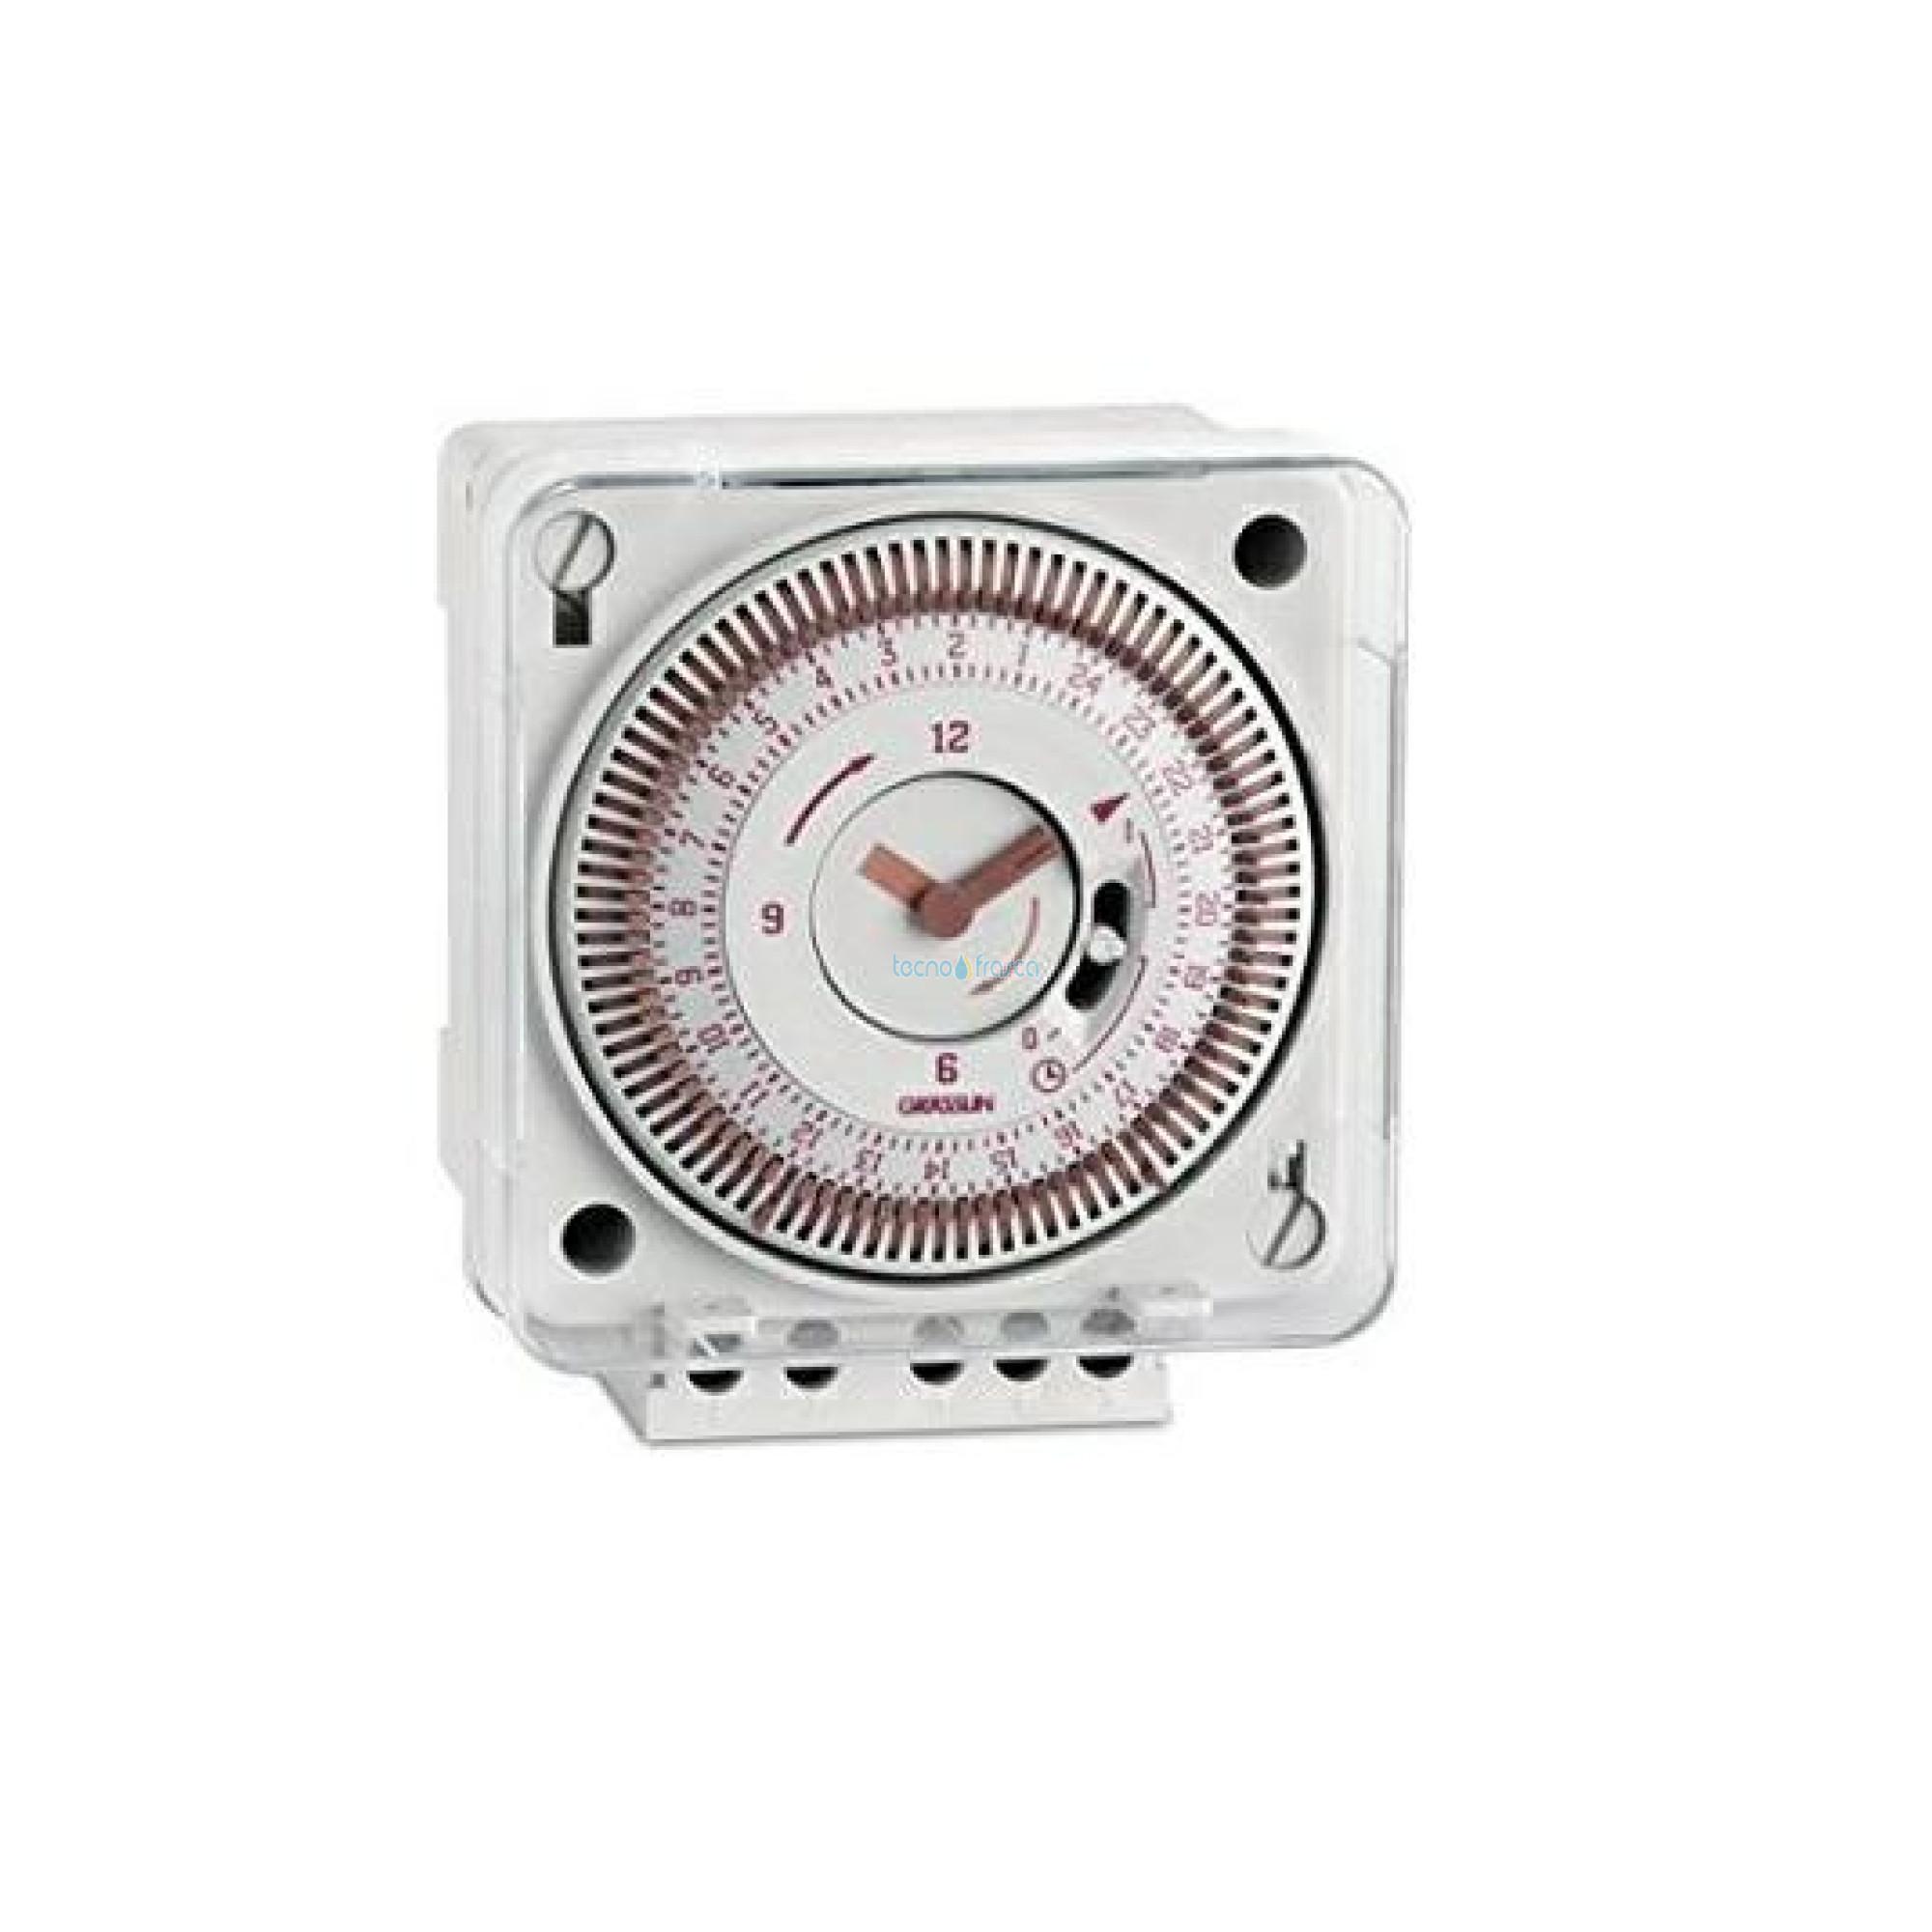 Orologio universale a parete tac tic 211.1